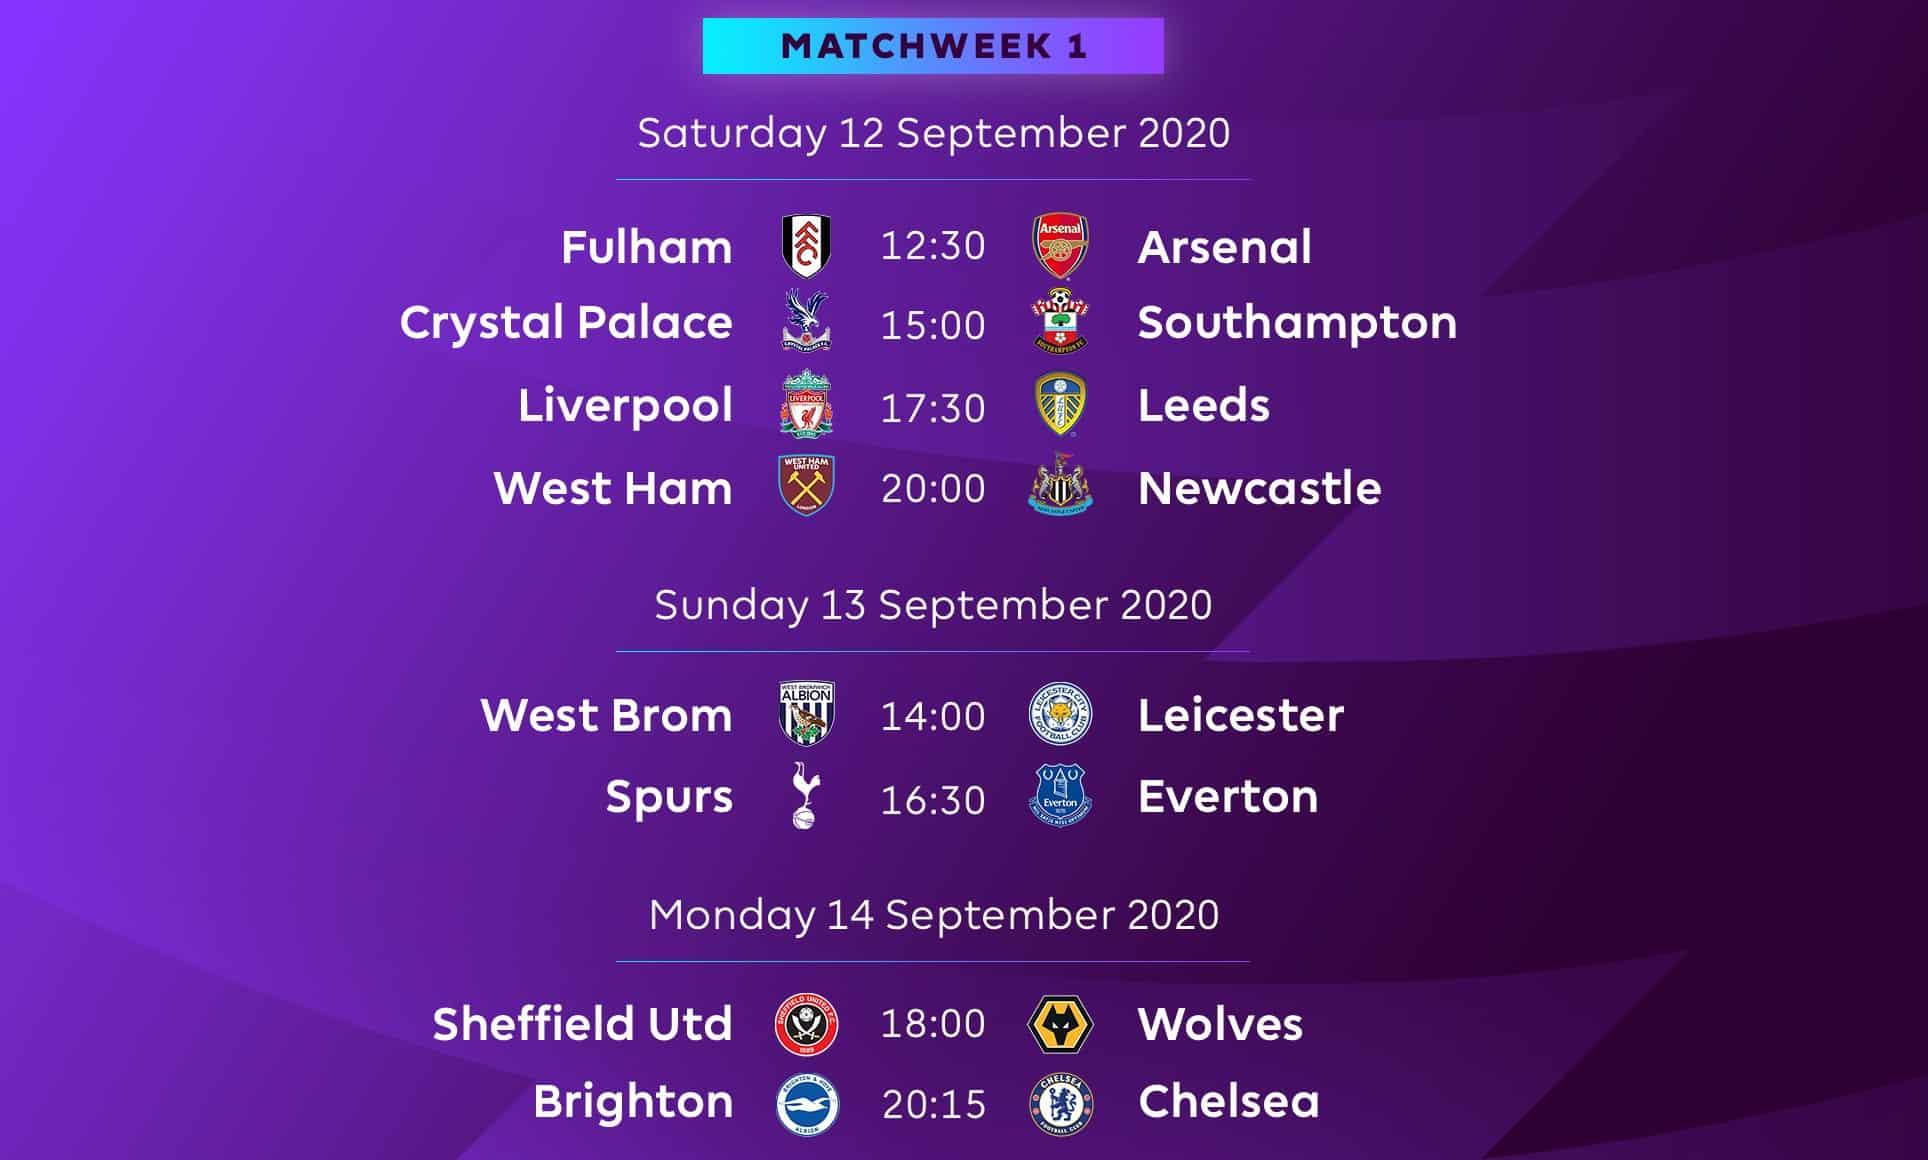 Premier League matchday 1